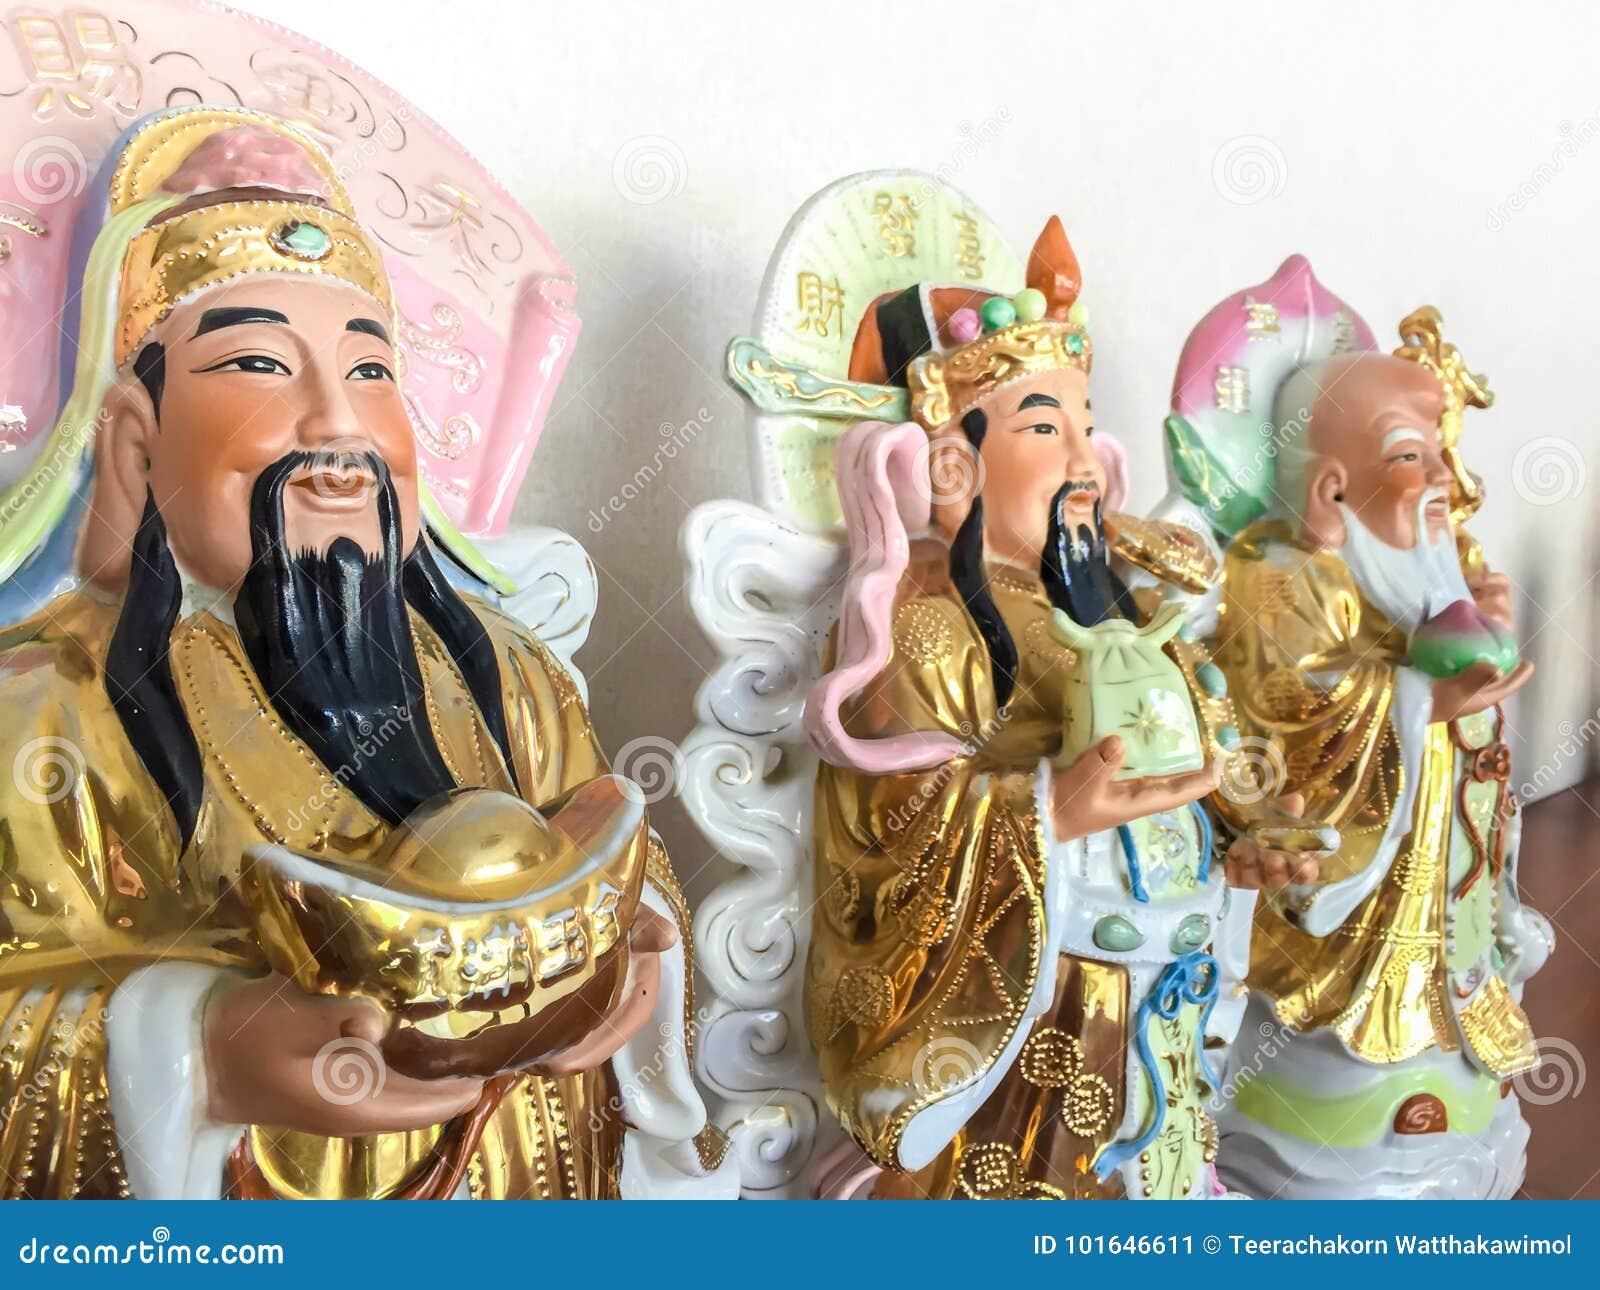 Bra förmögenhet för tre kinesiska lyckliga gudar Fu, Hok, välstånd Lu, Lok och livslängd Shou, Siu